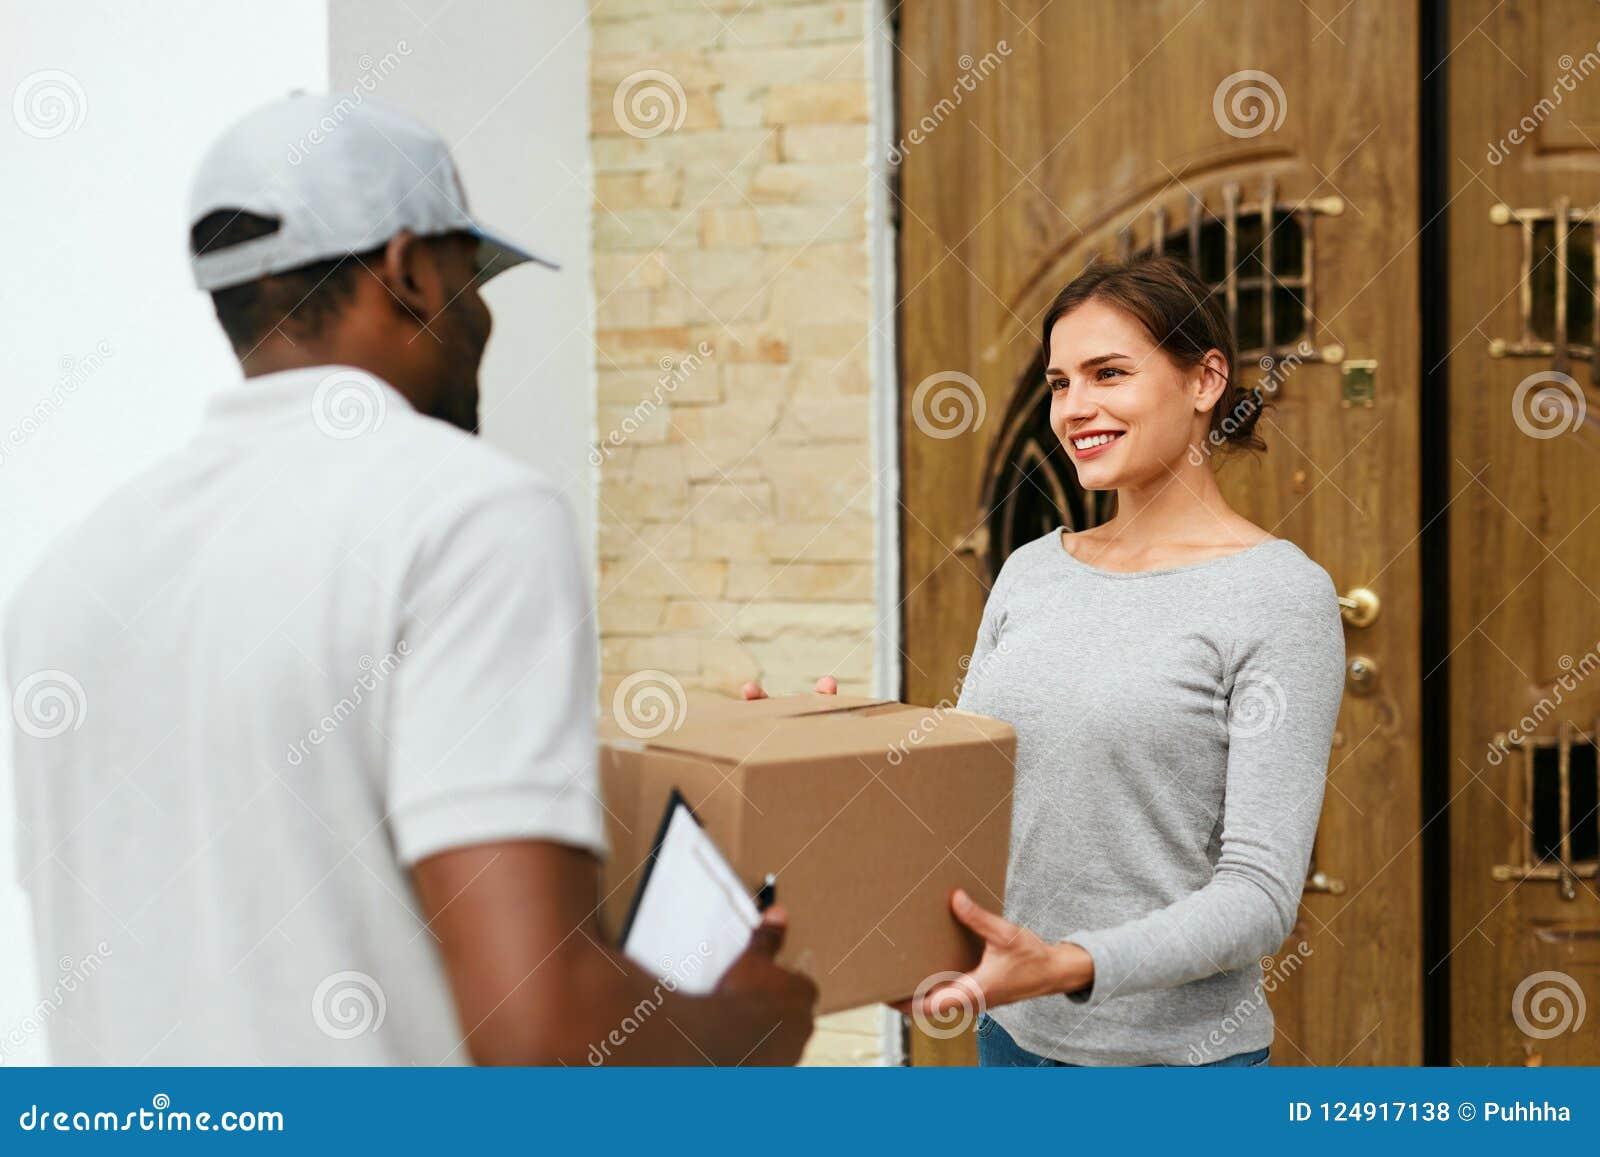 Consegna a domicilio Cliente di Delivering Package To del corriere